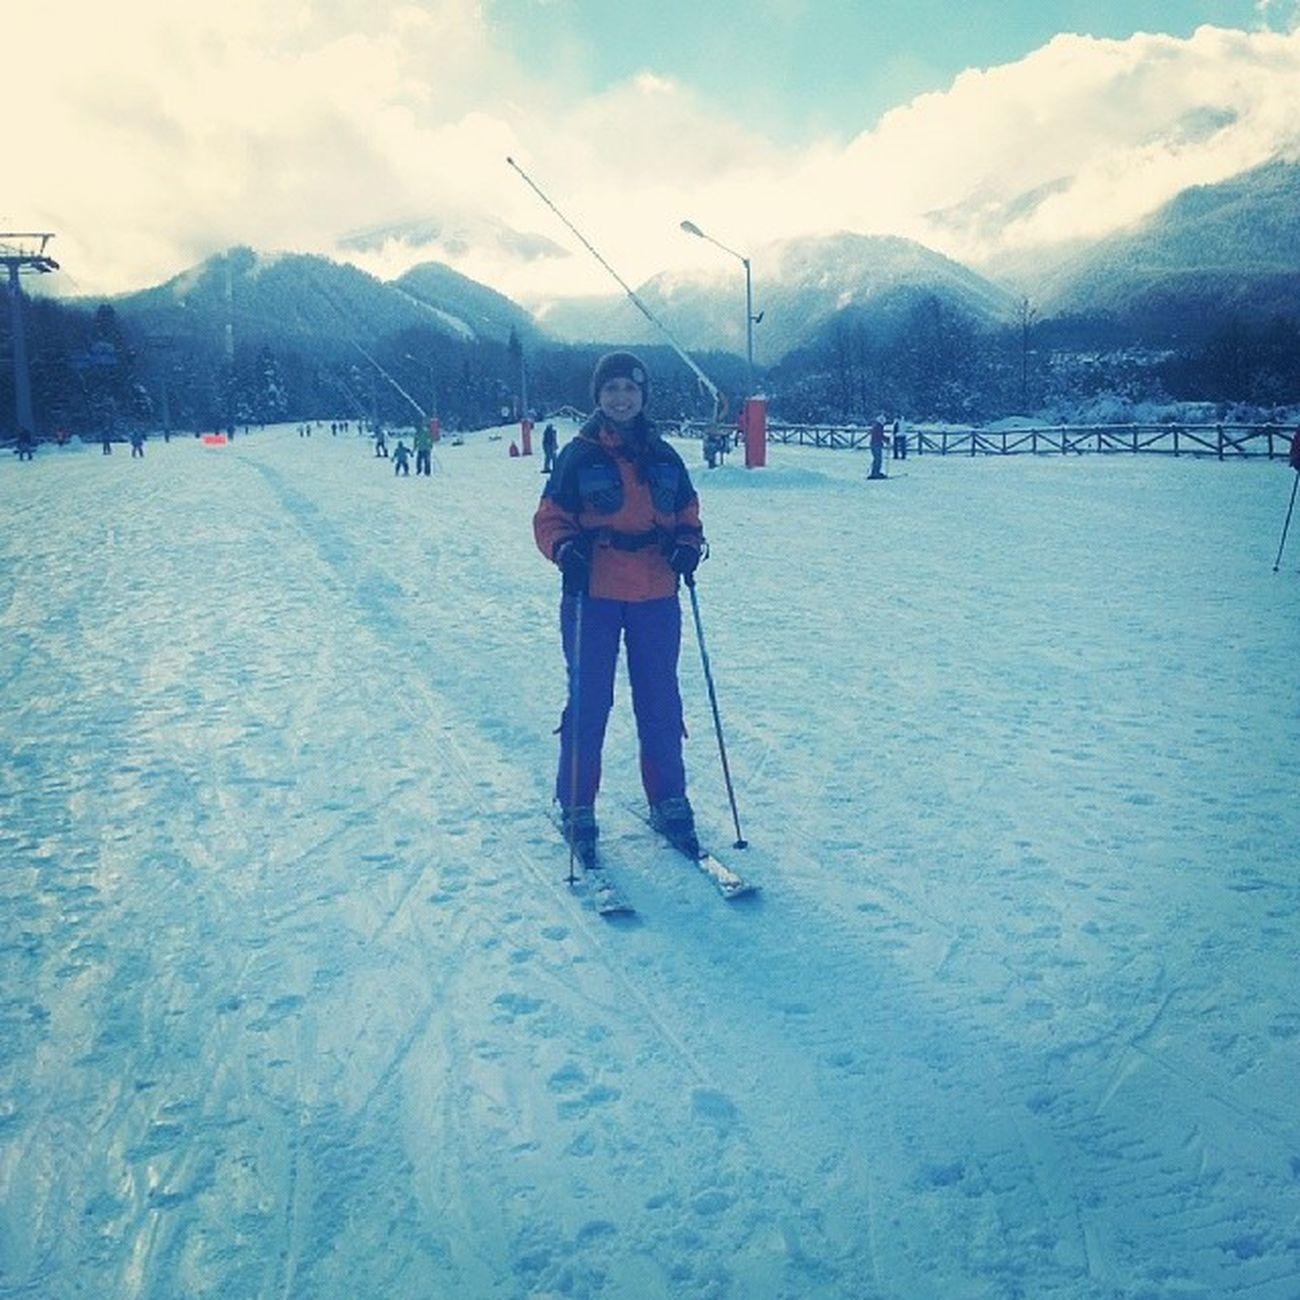 первый раз встала на лыжи:) Skiing Mountains